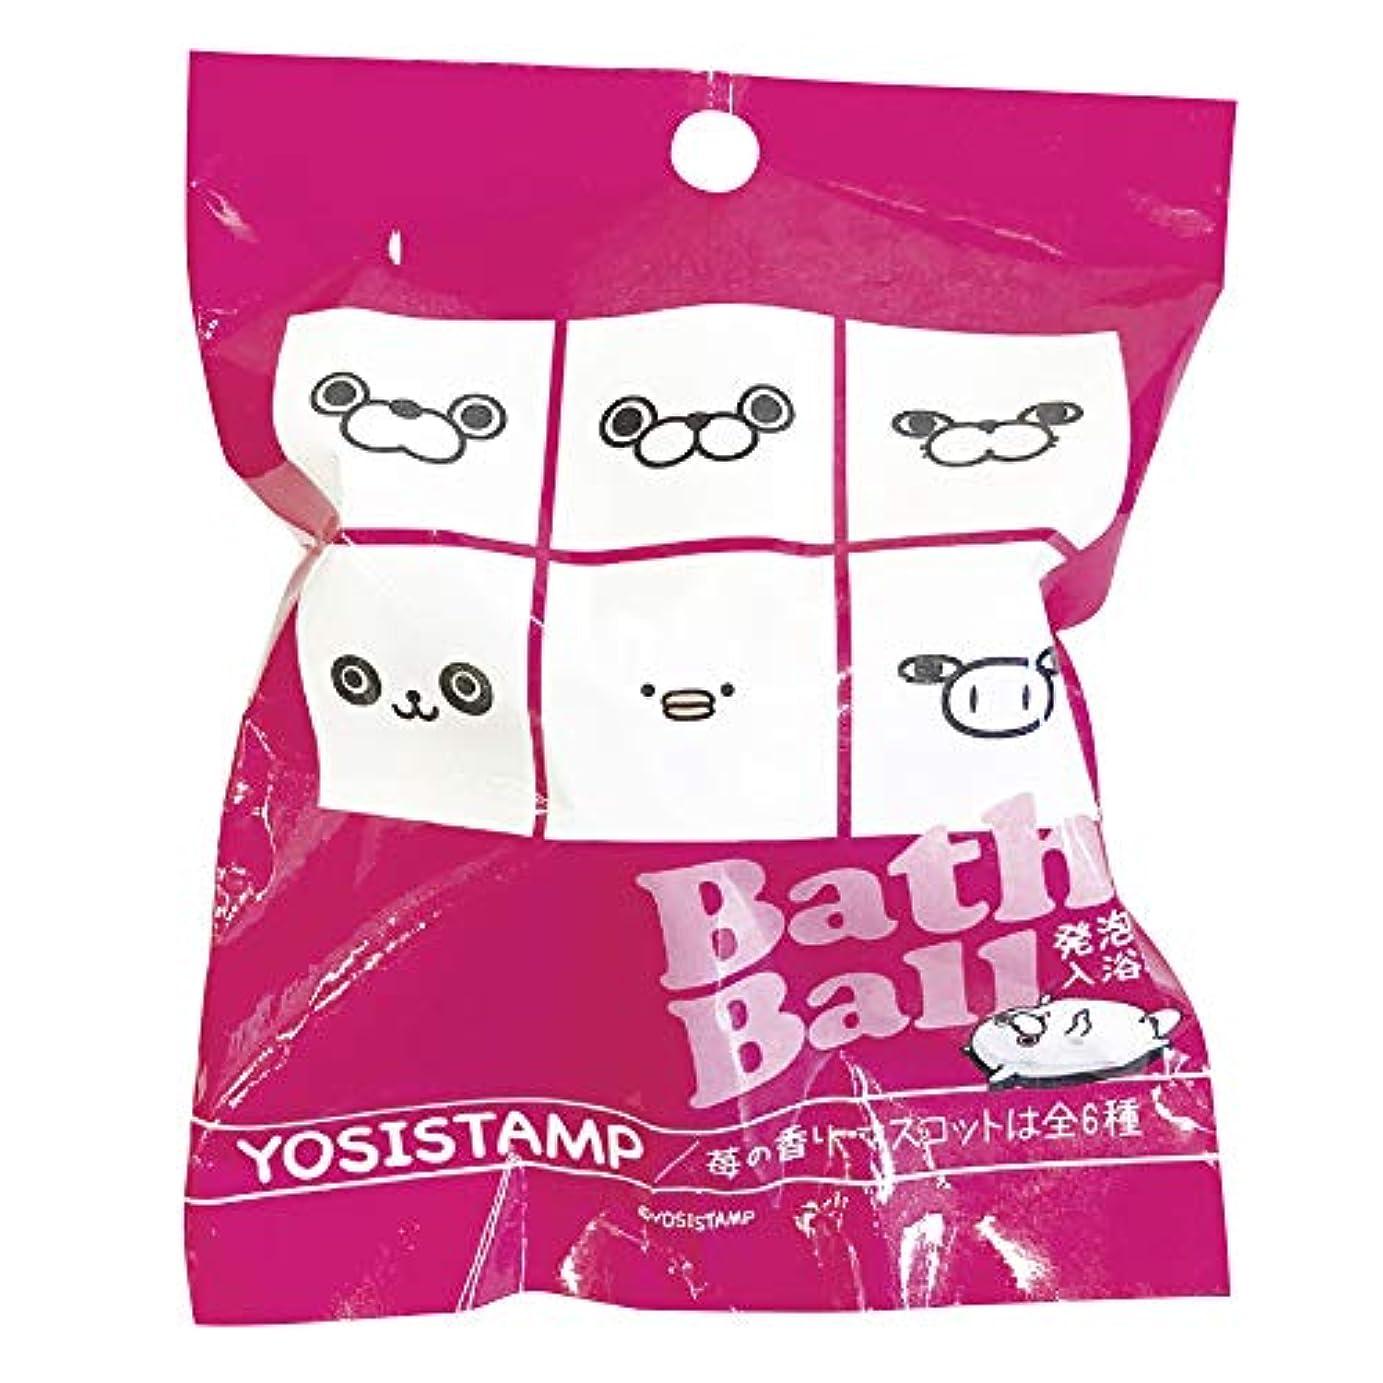 また代替最少ヨッシースタンプ 入浴剤 バスボール おまけ付き イチゴの香り ABD-004-002